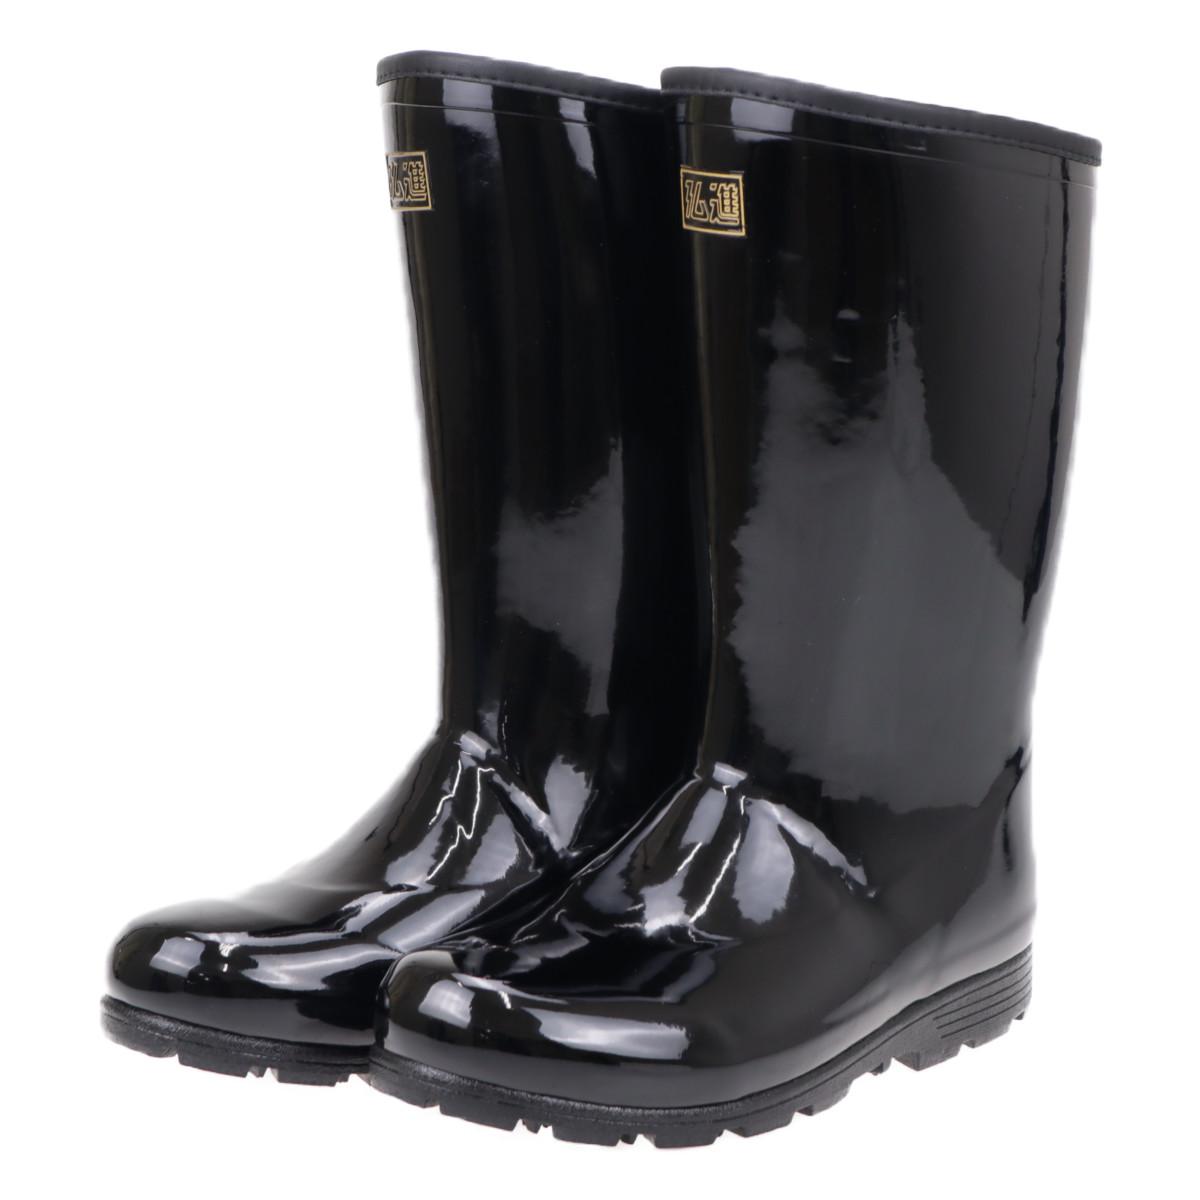 寒冷地仕様 冬場 メンズ ラバーブーツ 弘進ゴム ニューライト防寒紳士FBW 実物 通常便なら送料無料 作業長靴 軽い長靴 防寒レインブーツ